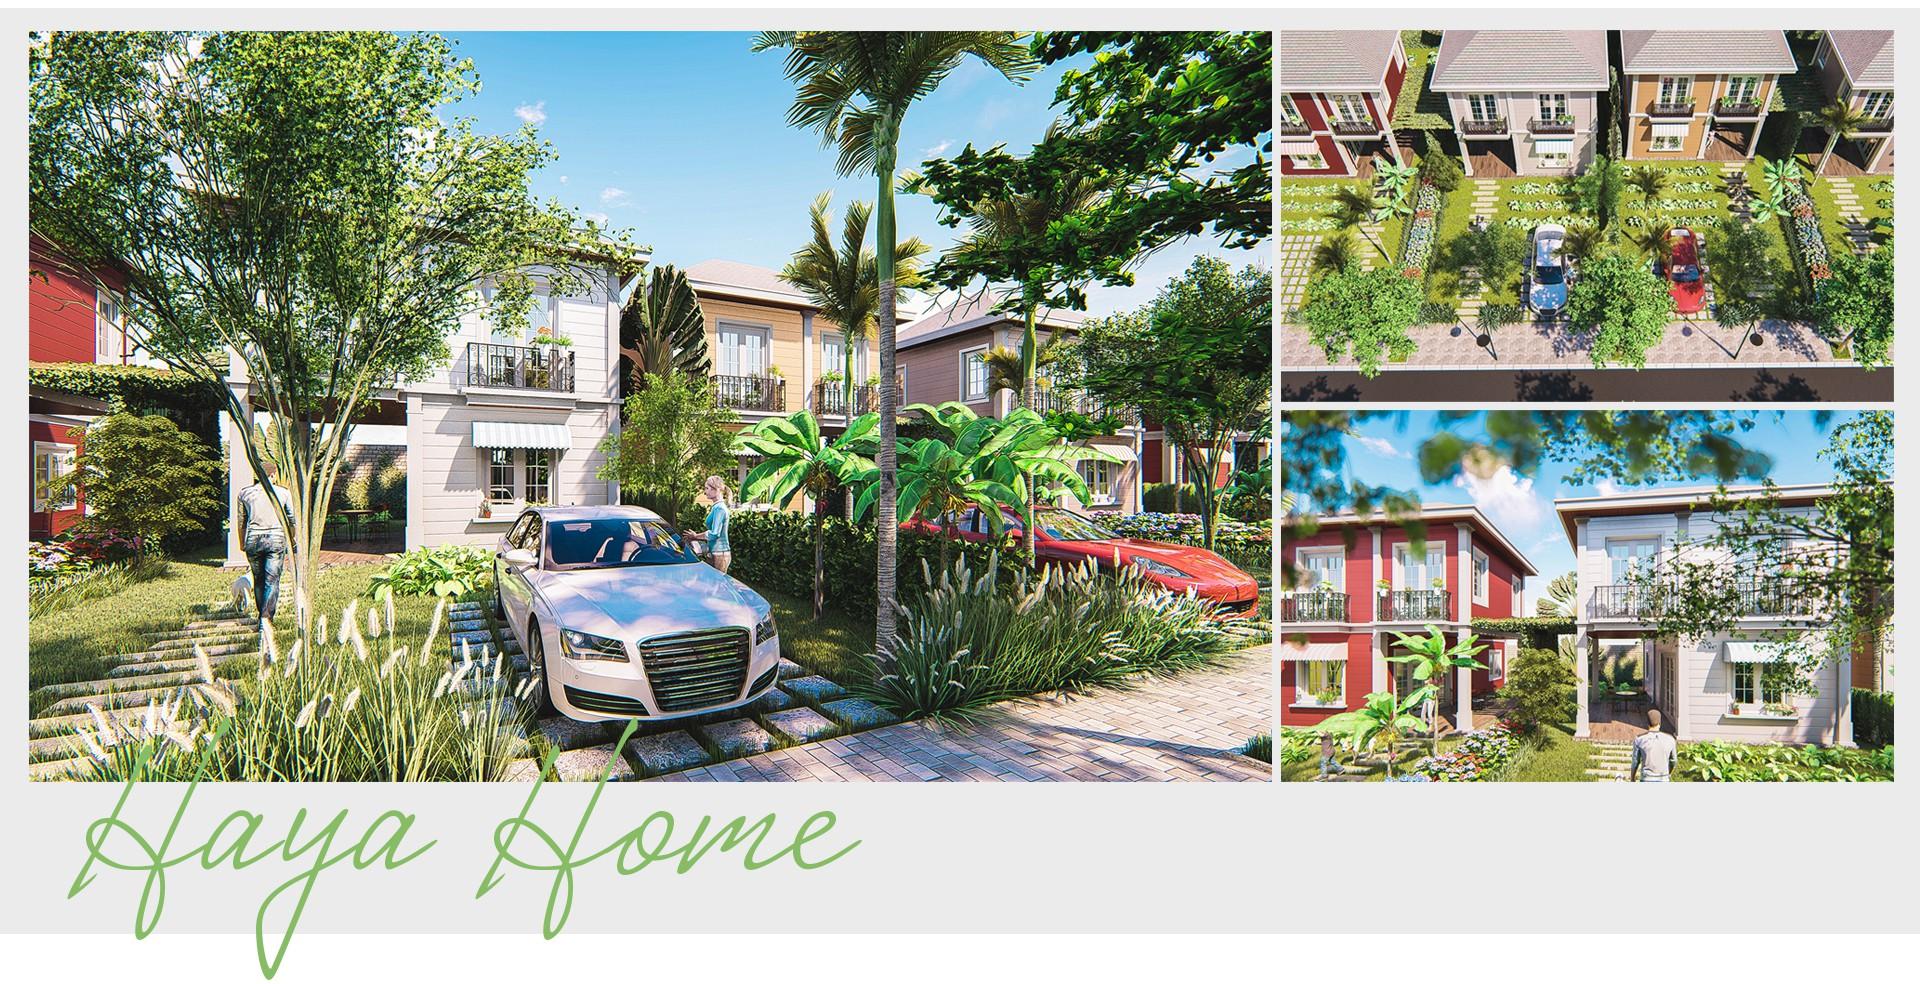 HayaHome - Phát triển mô hình biệt thự nhà vườn là phương thức bảo tồn thiên nhiên miền Tây - Ảnh 9.